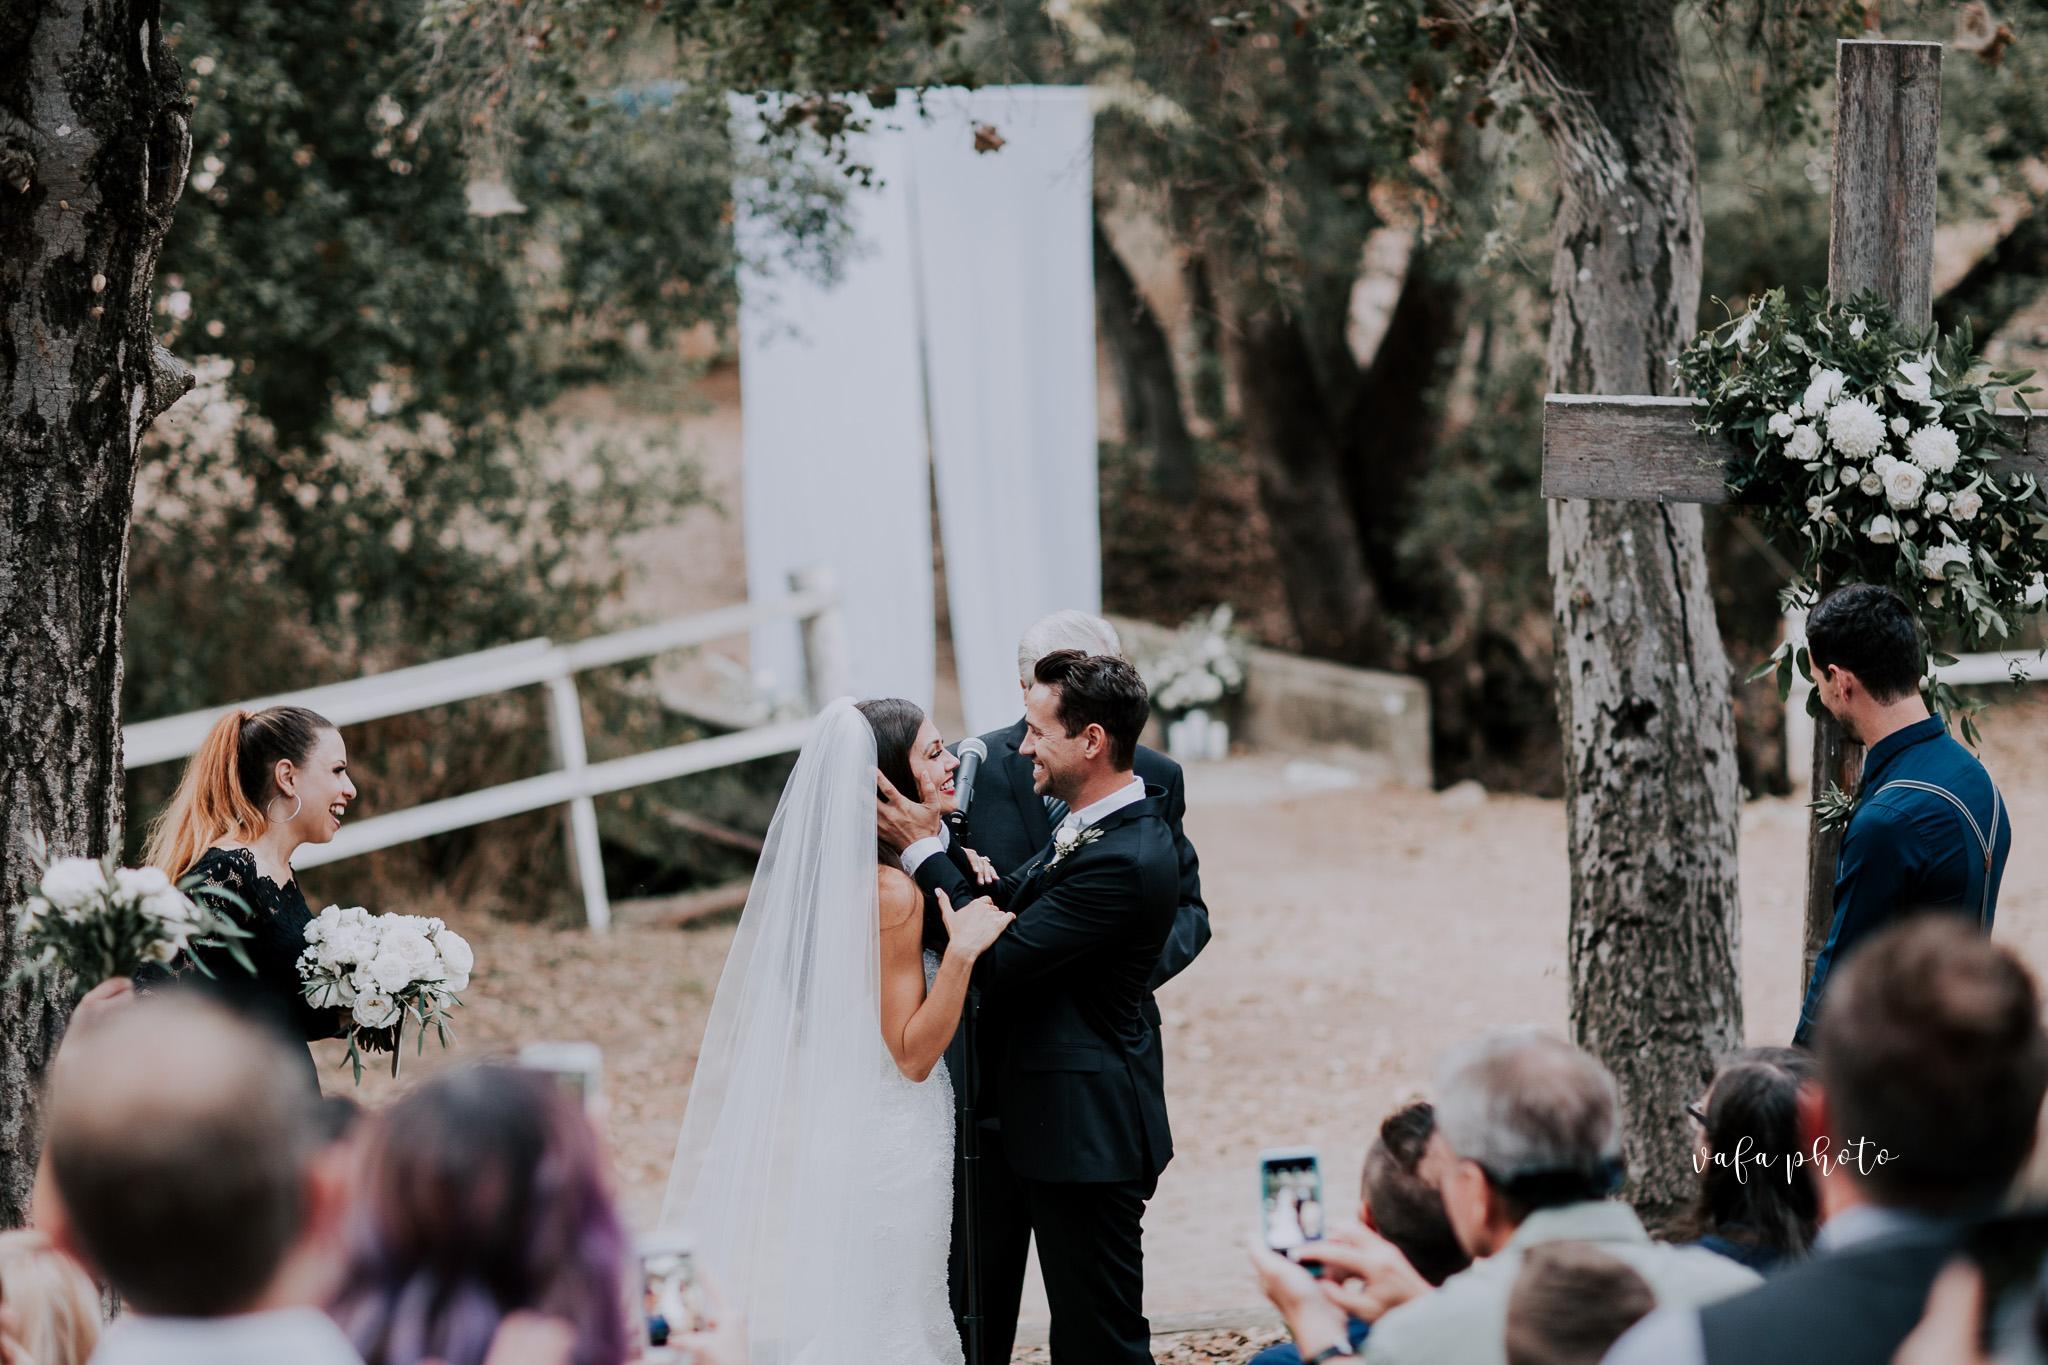 Southern-California-Wedding-Britt-Nilsson-Jeremy-Byrne-Vafa-Photo-486.jpg